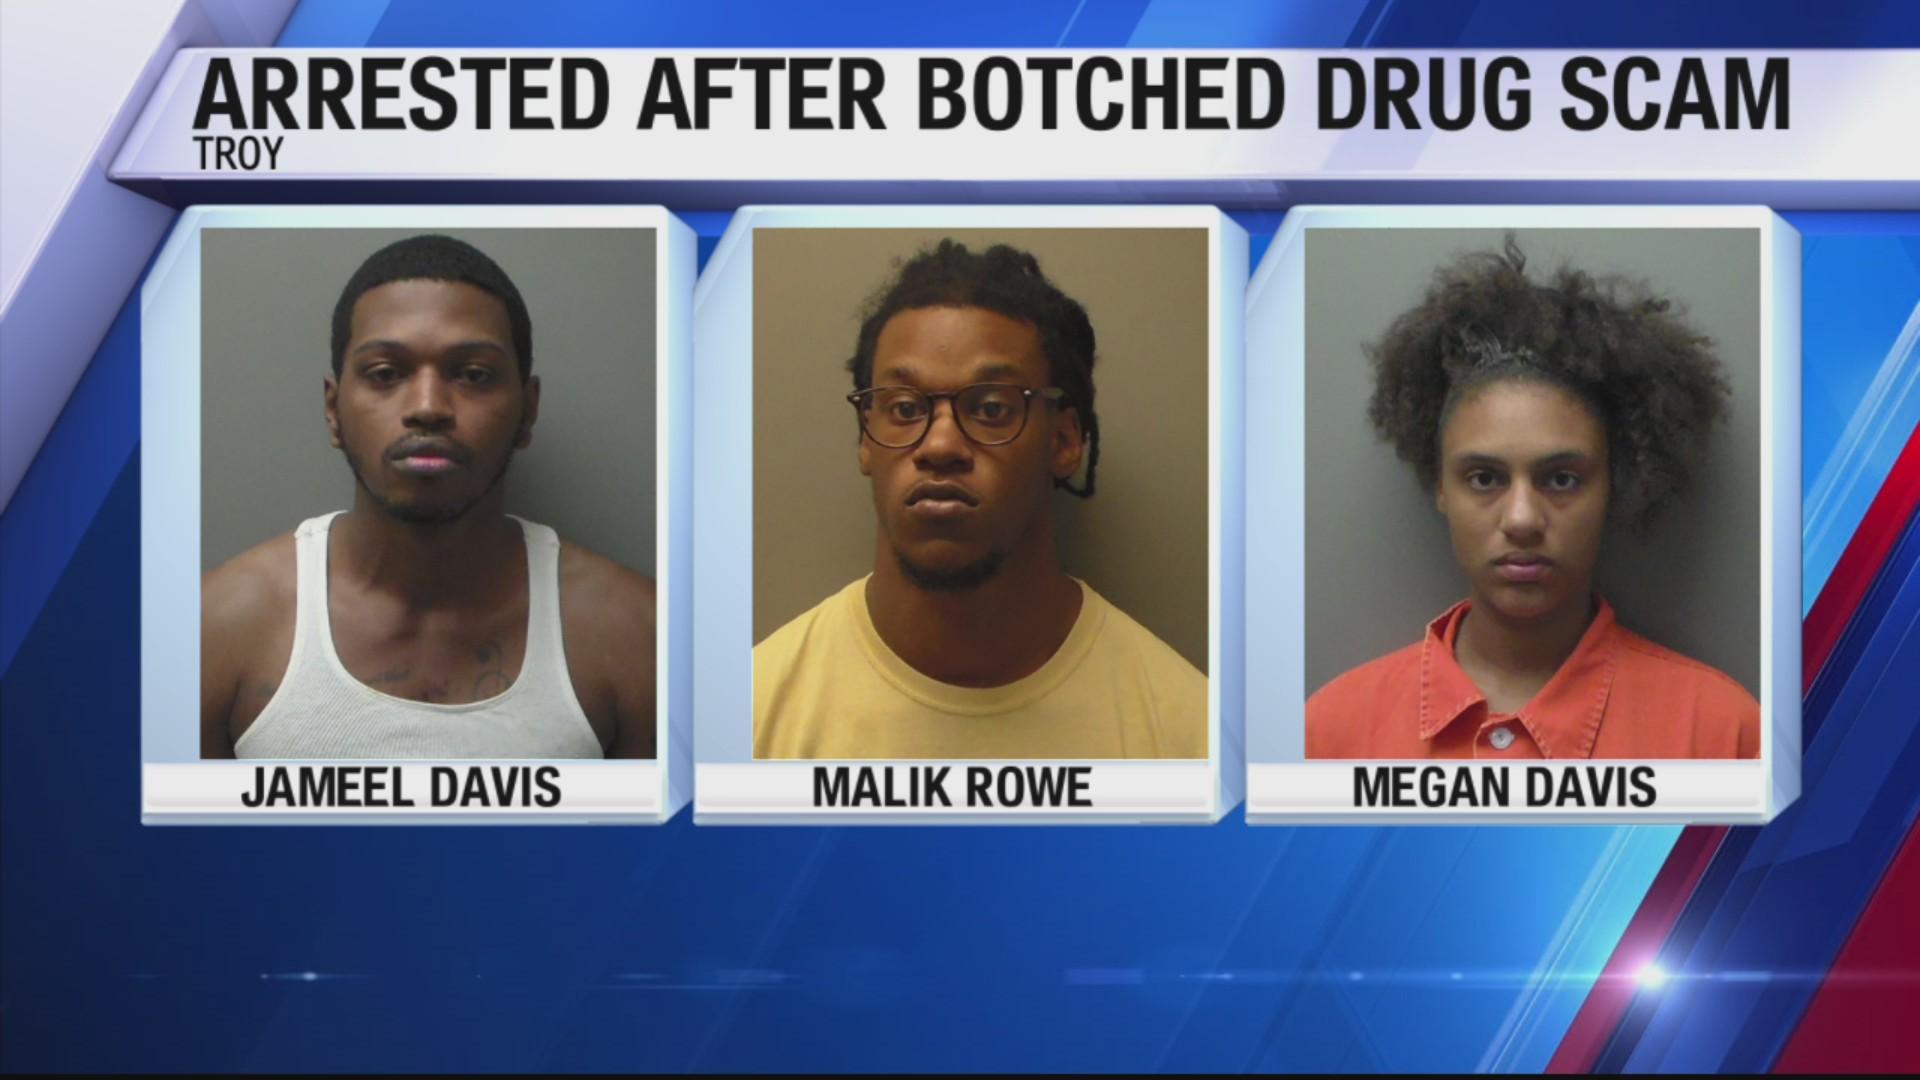 drug scam_1556148398179.jpg.jpg